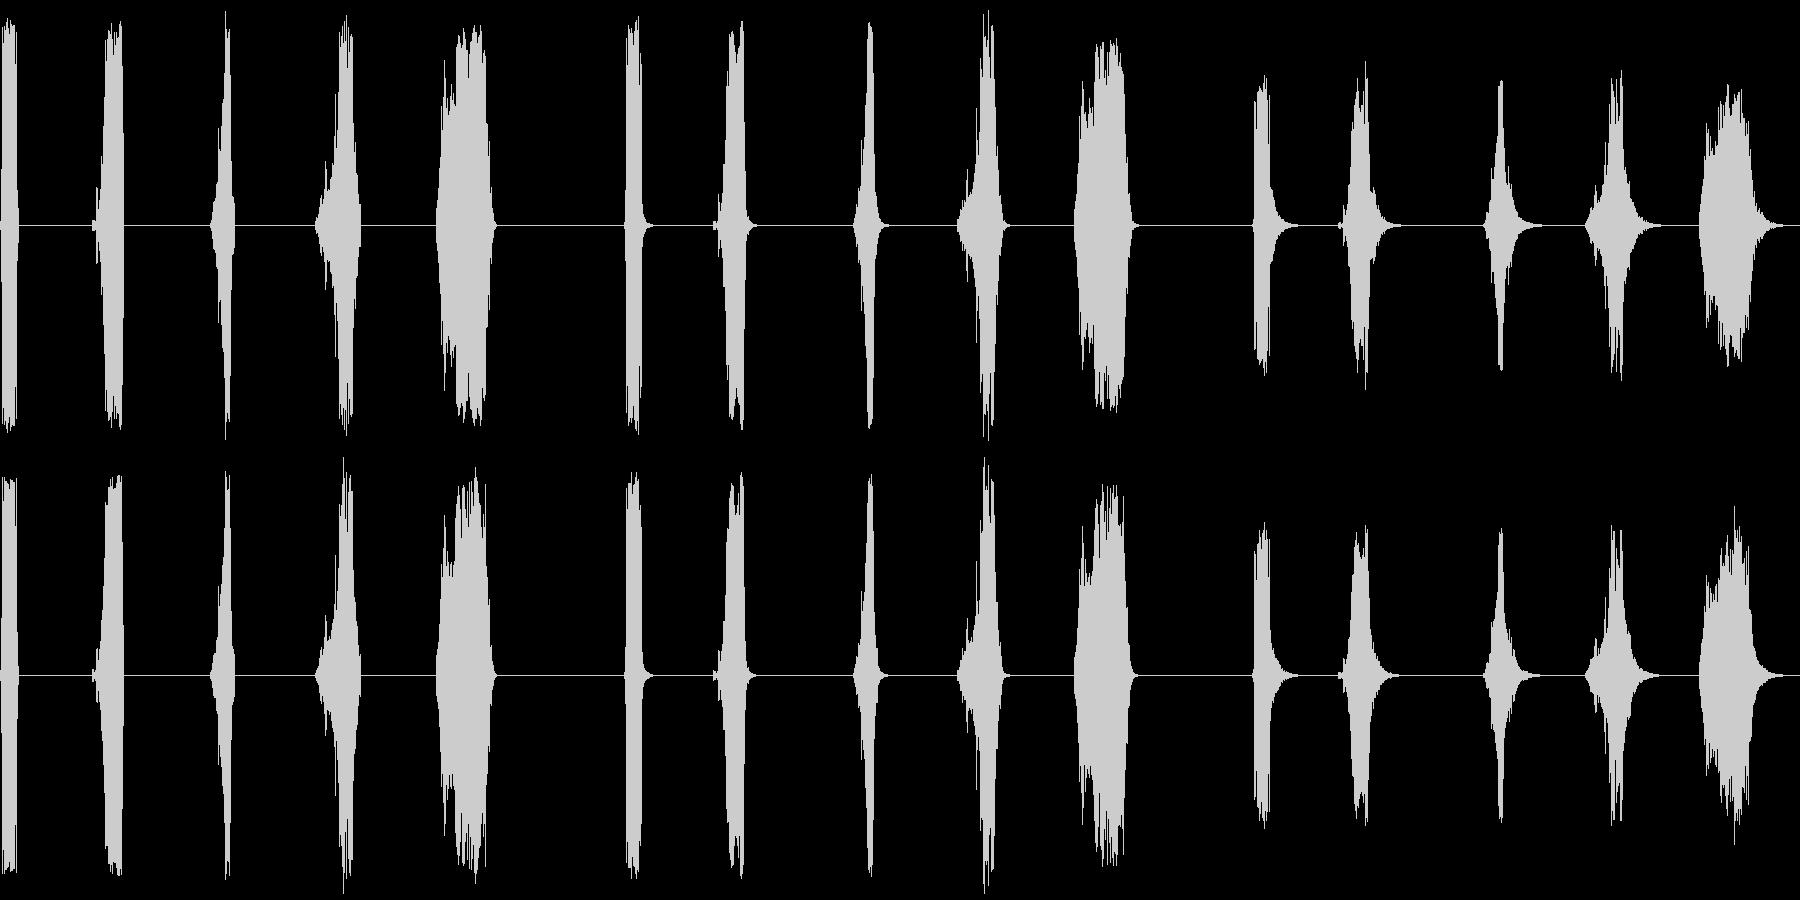 ワイヤープル、ショート、5バージョ...の未再生の波形